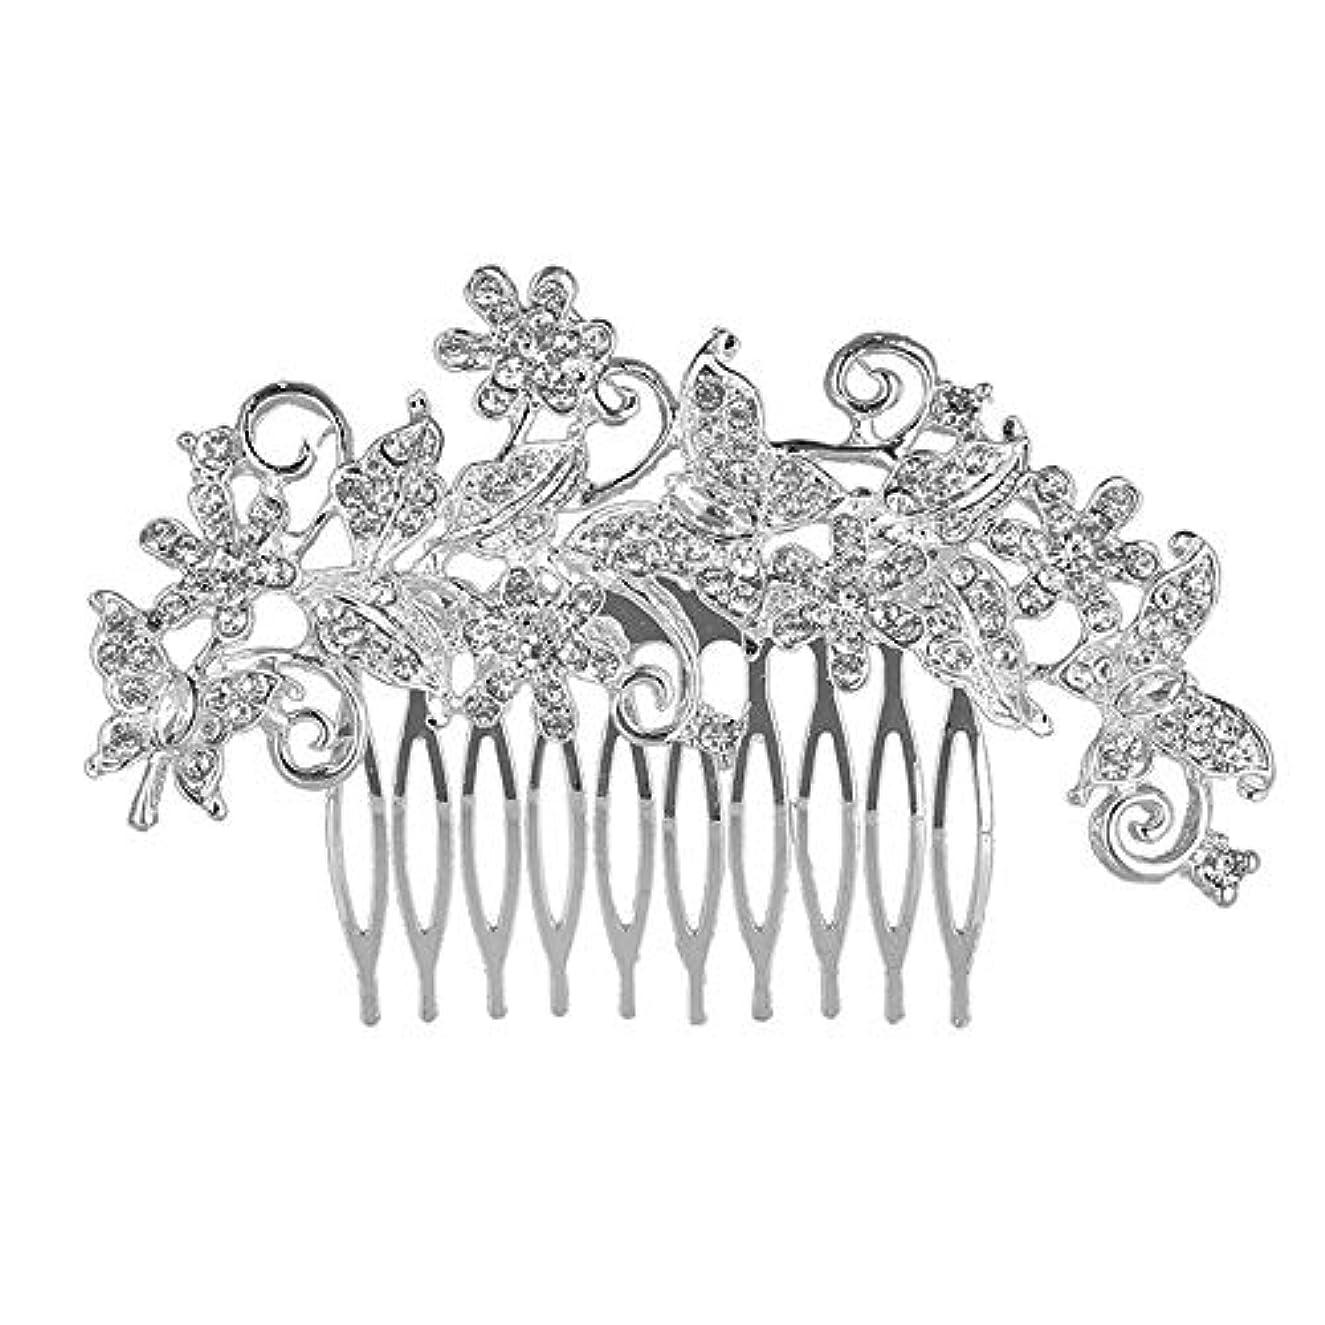 量スパンオープニング韓国のヘアアクセサリー_韓国の花嫁のヘアアクセサリー日の花のヘッドドレスファッションヘアコーム花嫁合金結婚式結婚式卸売